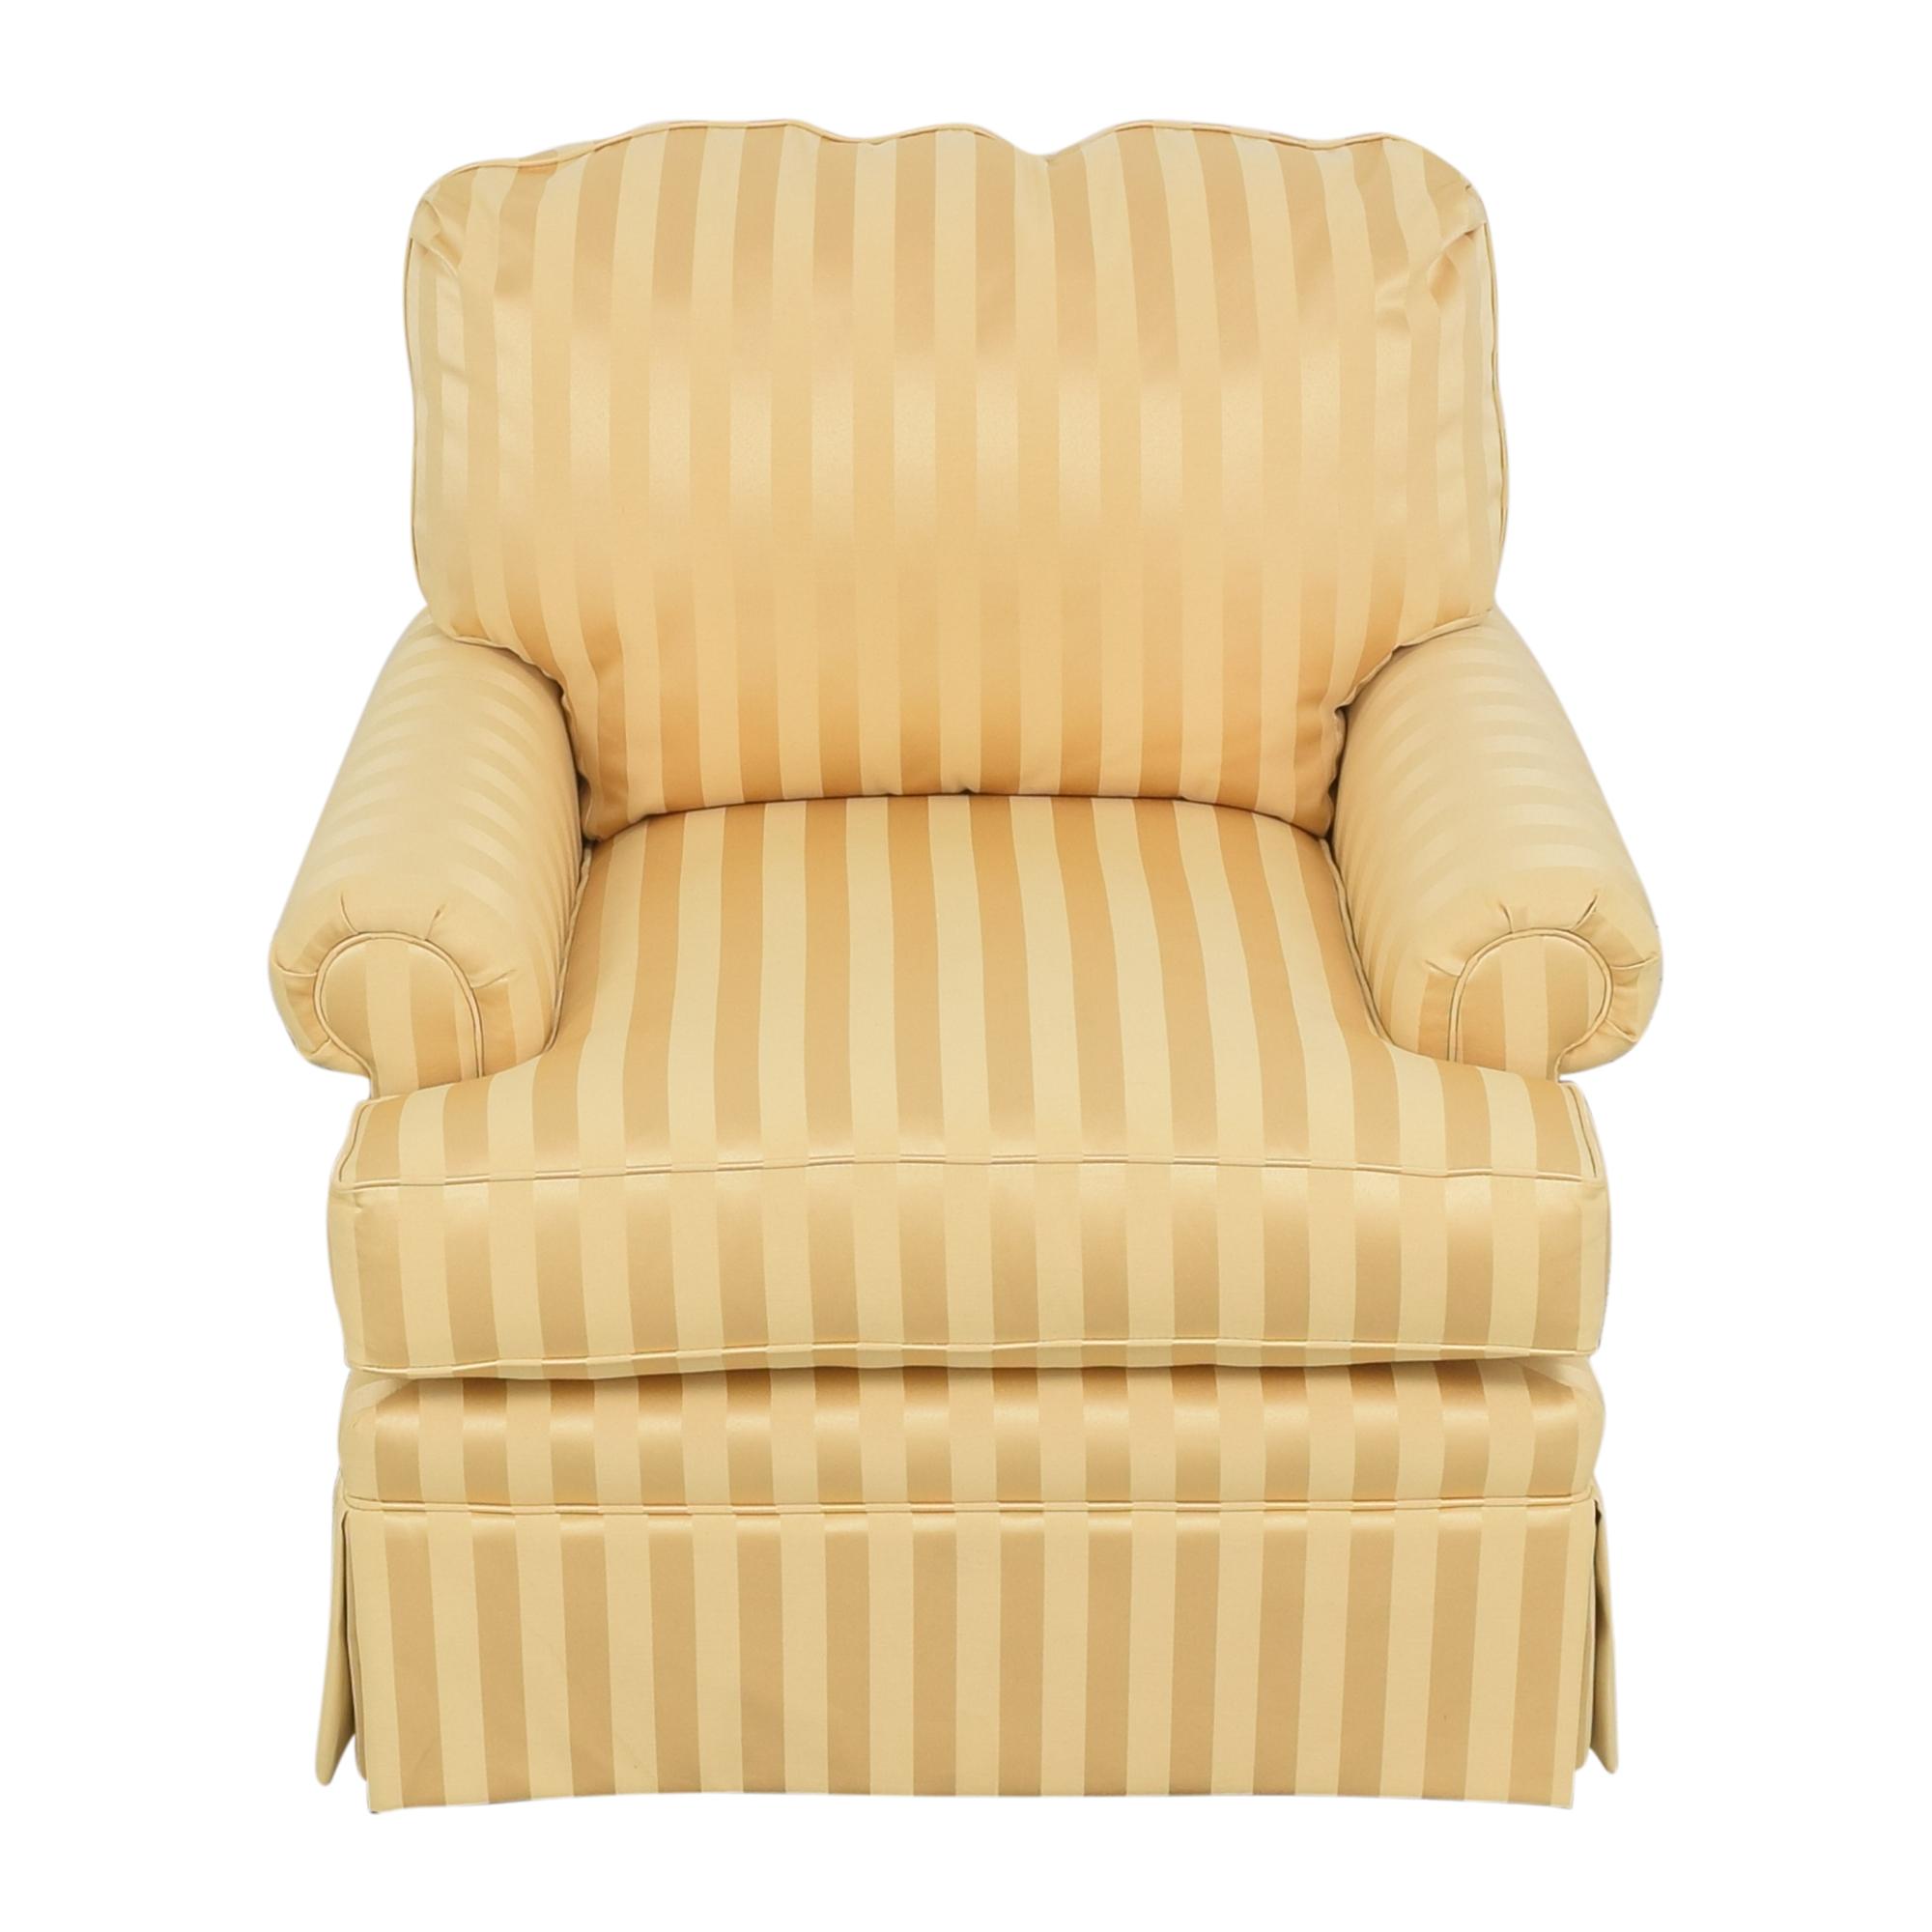 Thomasville Thomasville Stripe Accent Chair ct